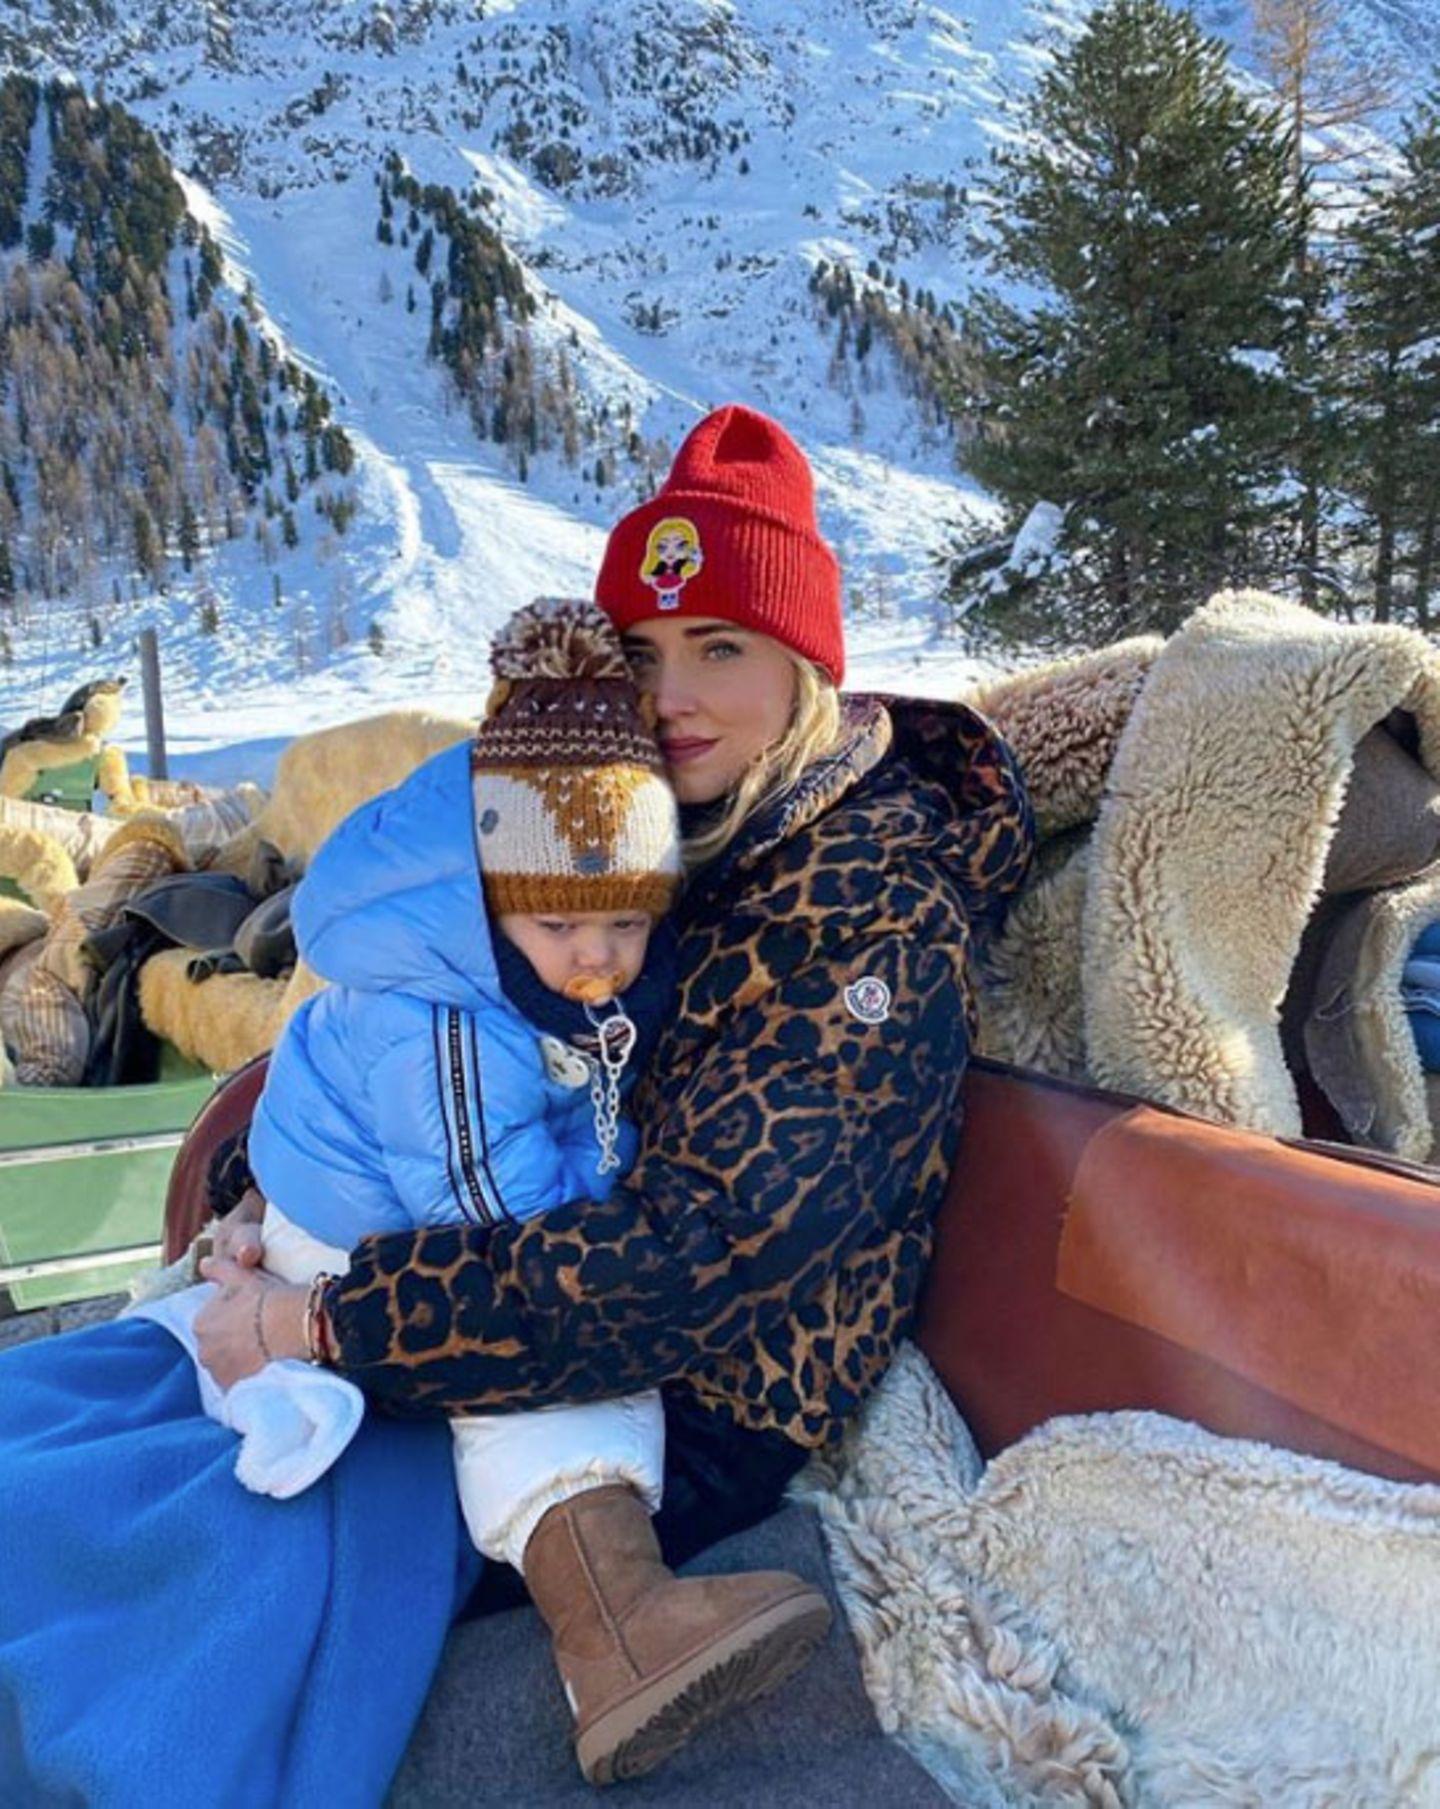 Auch Chiara Ferragni verbringt ein paar schöne Tage mit ihrer Familie im Schnee. Auf einer Kutschfahrt geht es stilsicher durch Sankt Moritz.